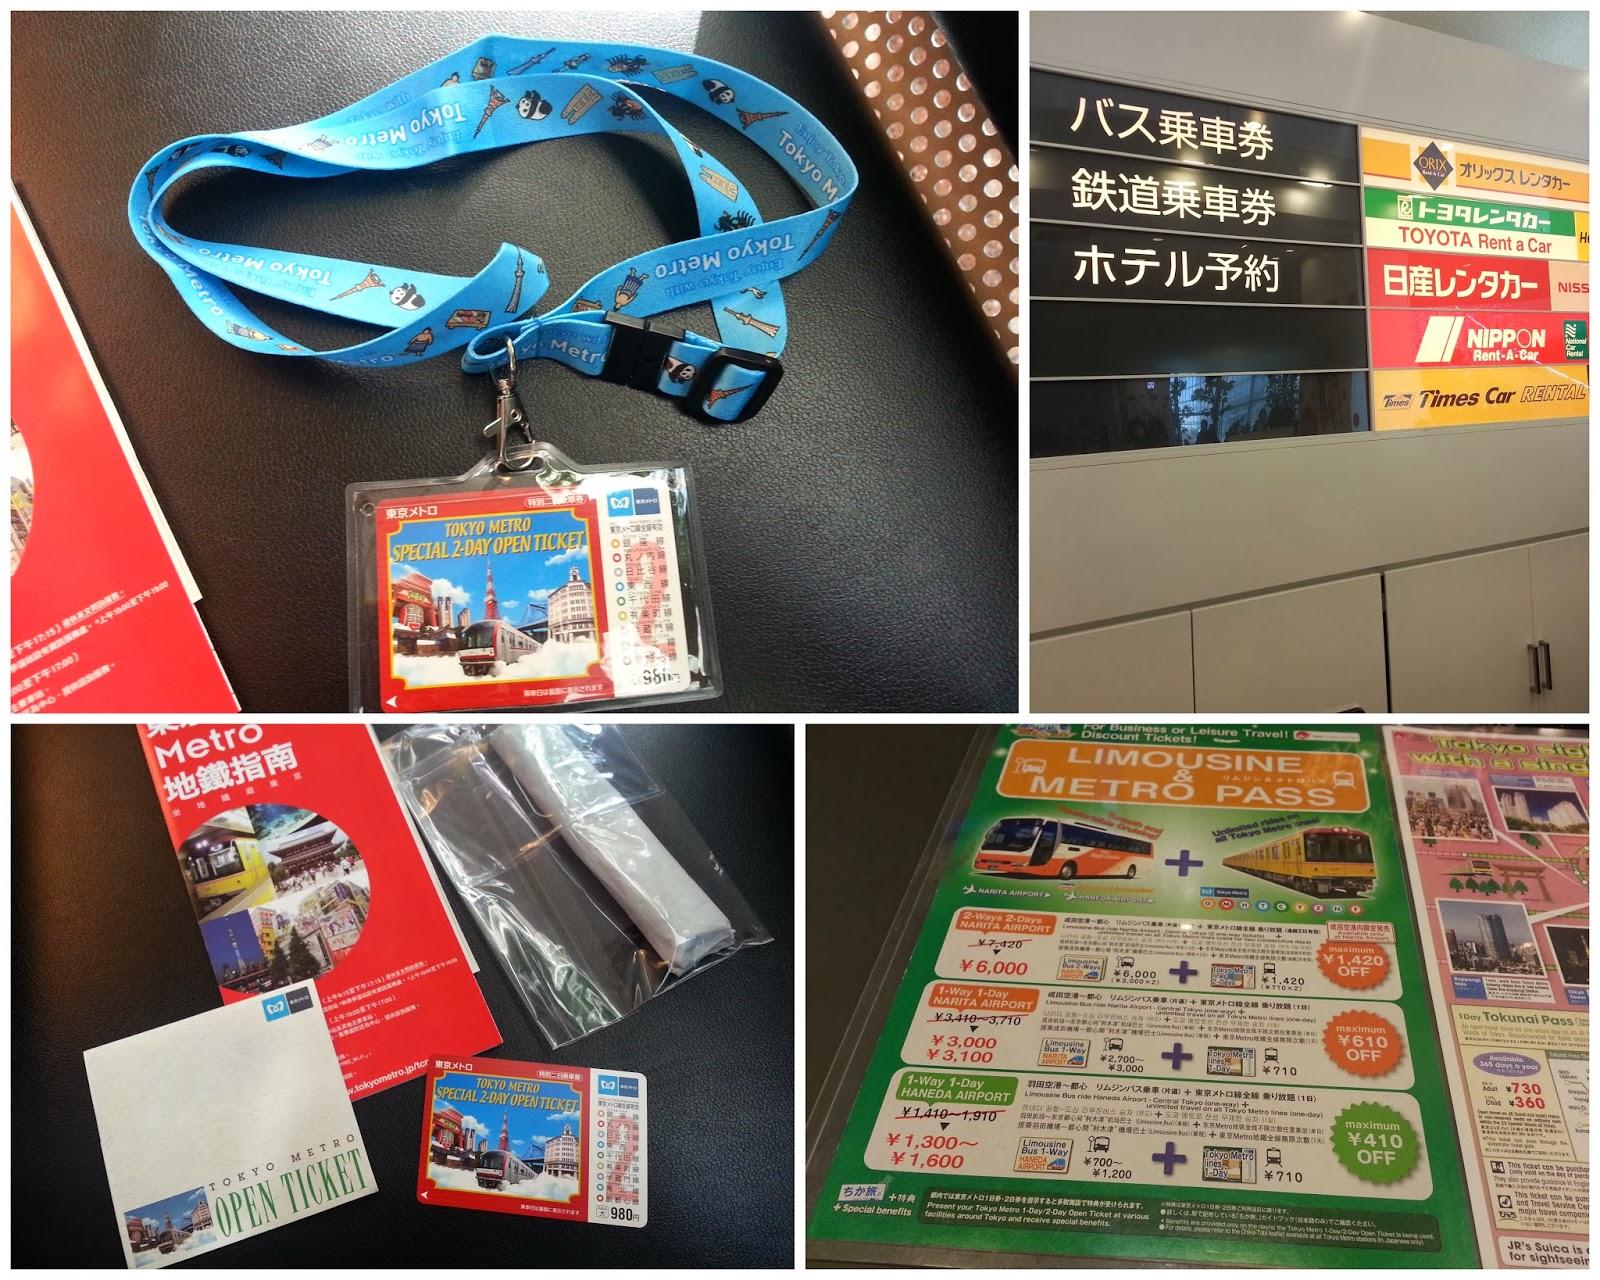 莎莎醬: 【2013東京小旅行】一切都很順利,就事半功倍。平安夜~耶誕快樂!